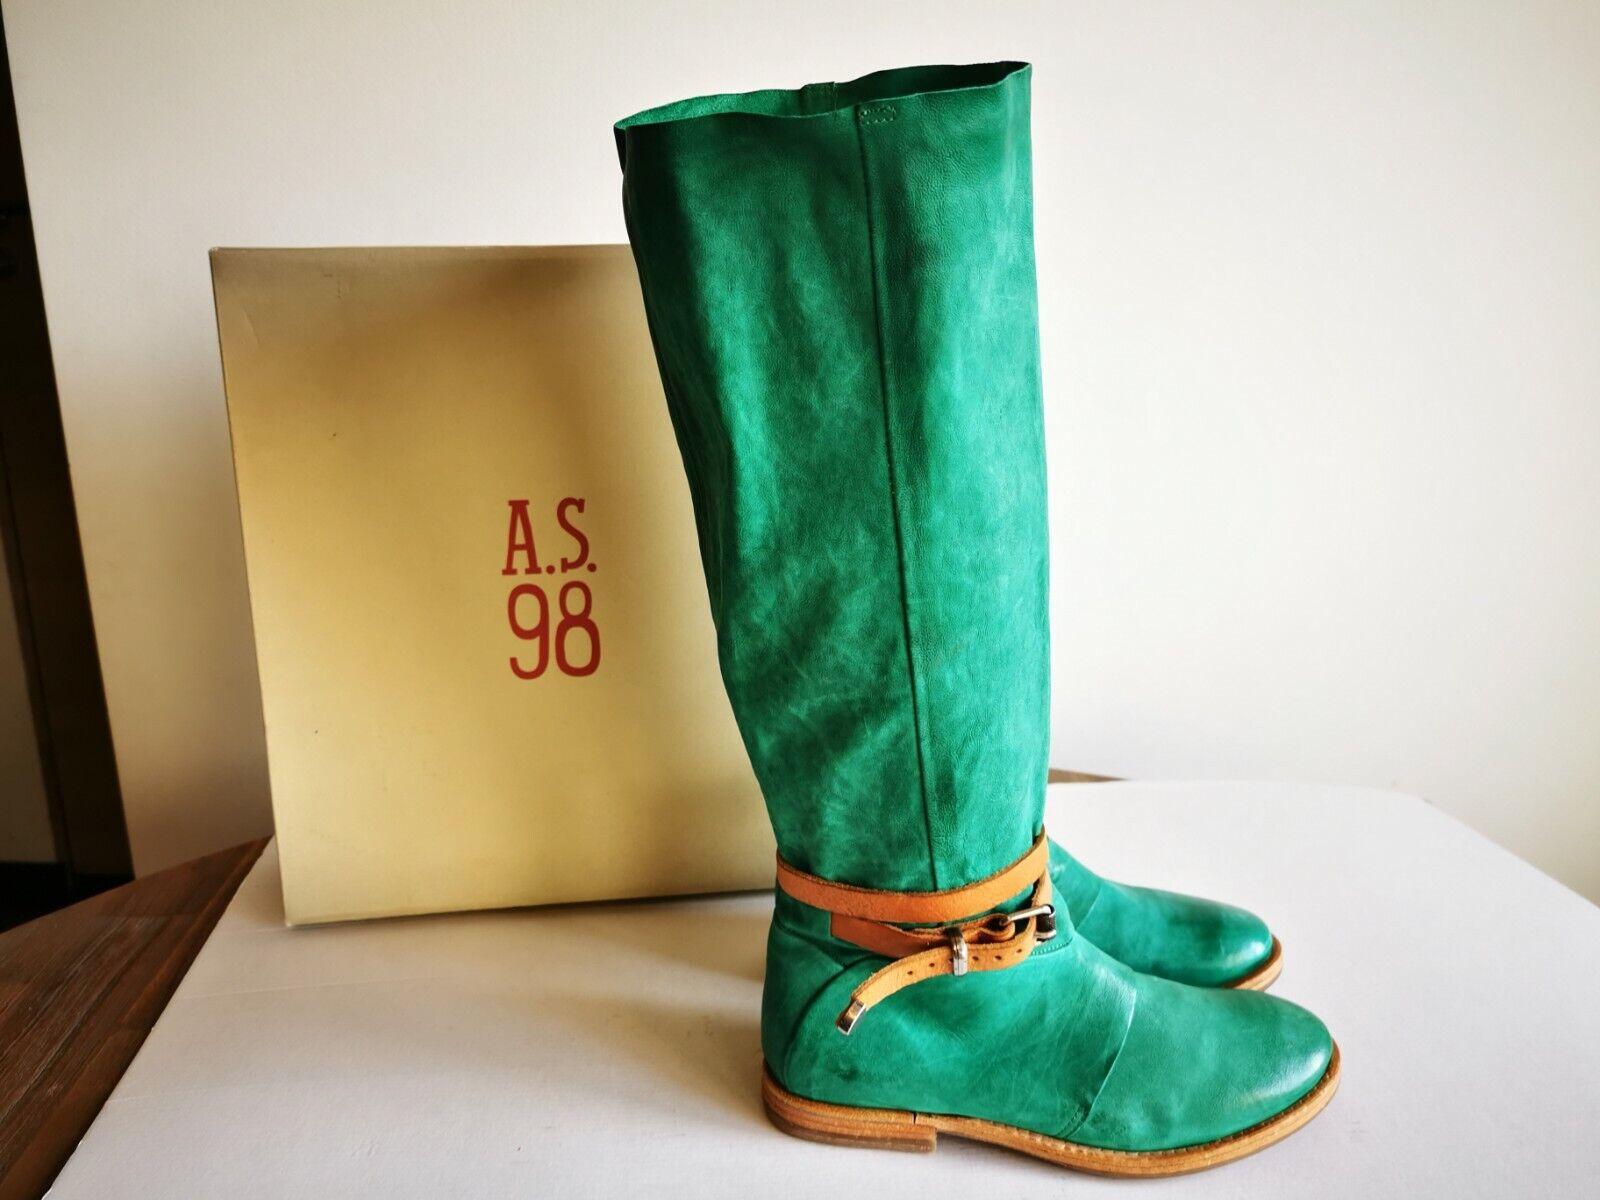 ! novedad! rareza! a.s.98/Airstep sueño verde cuero genuino reitstiefel, talla 39